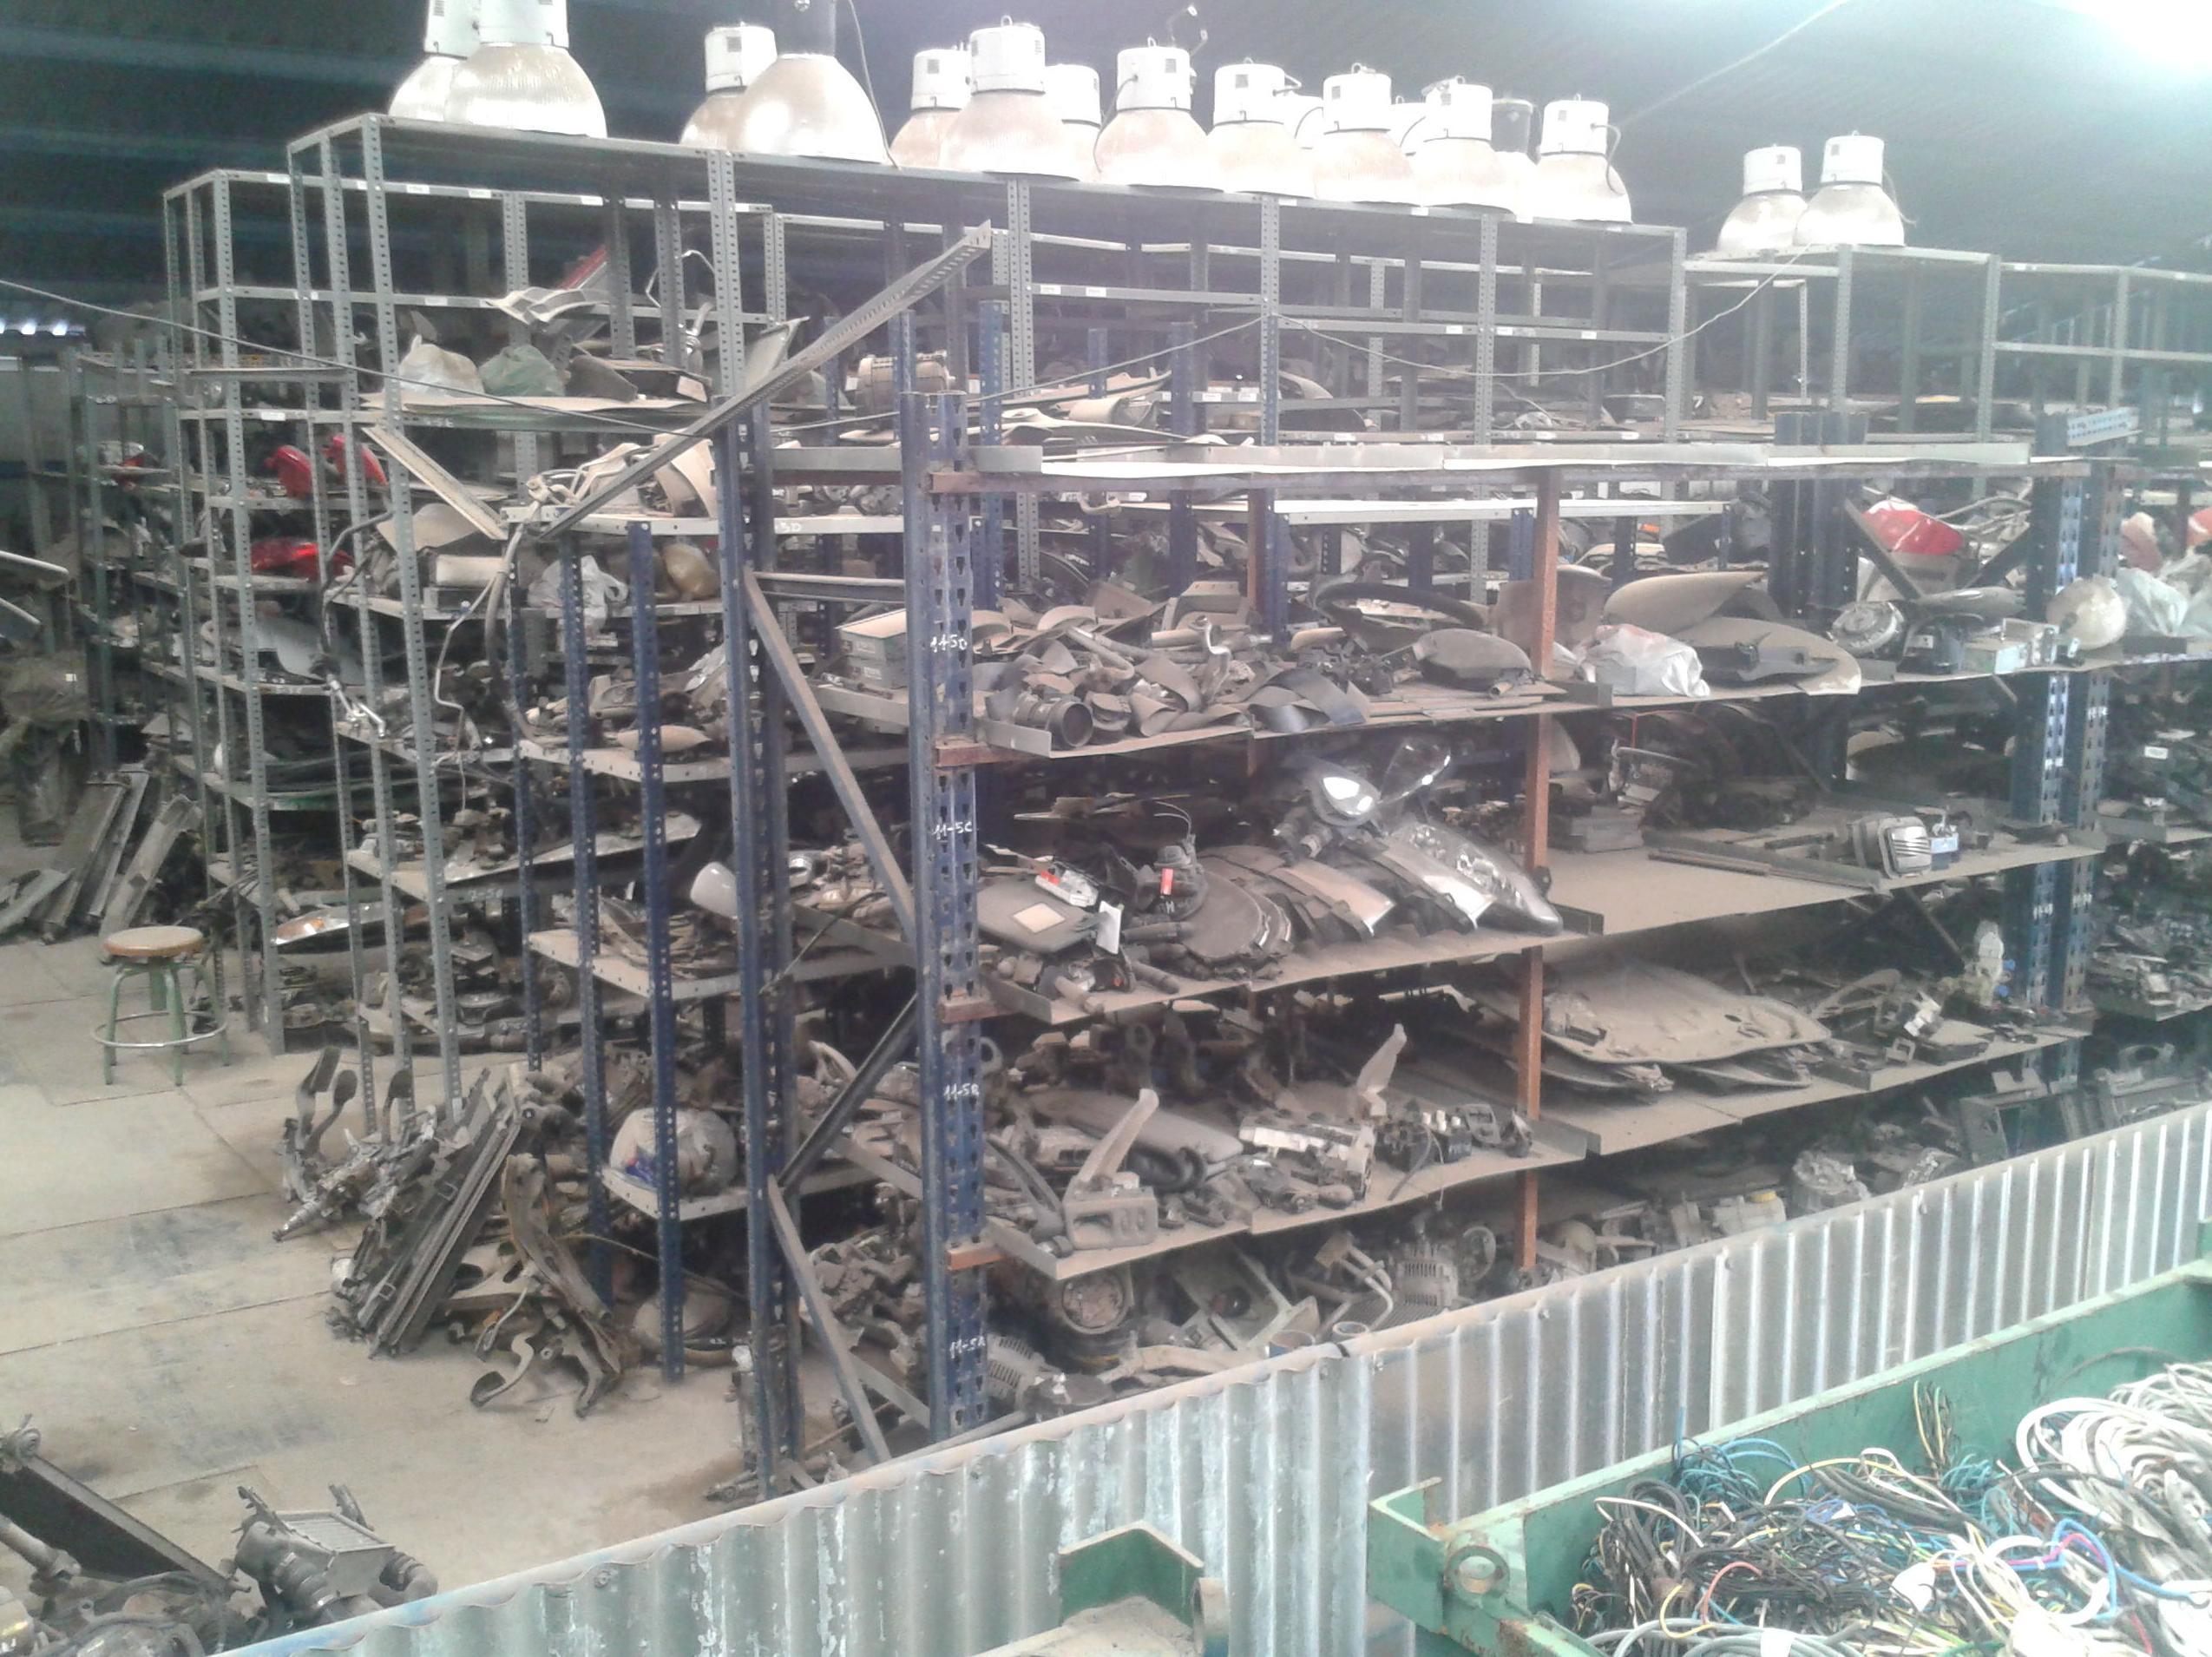 gran cantidad de piezas de repuesto